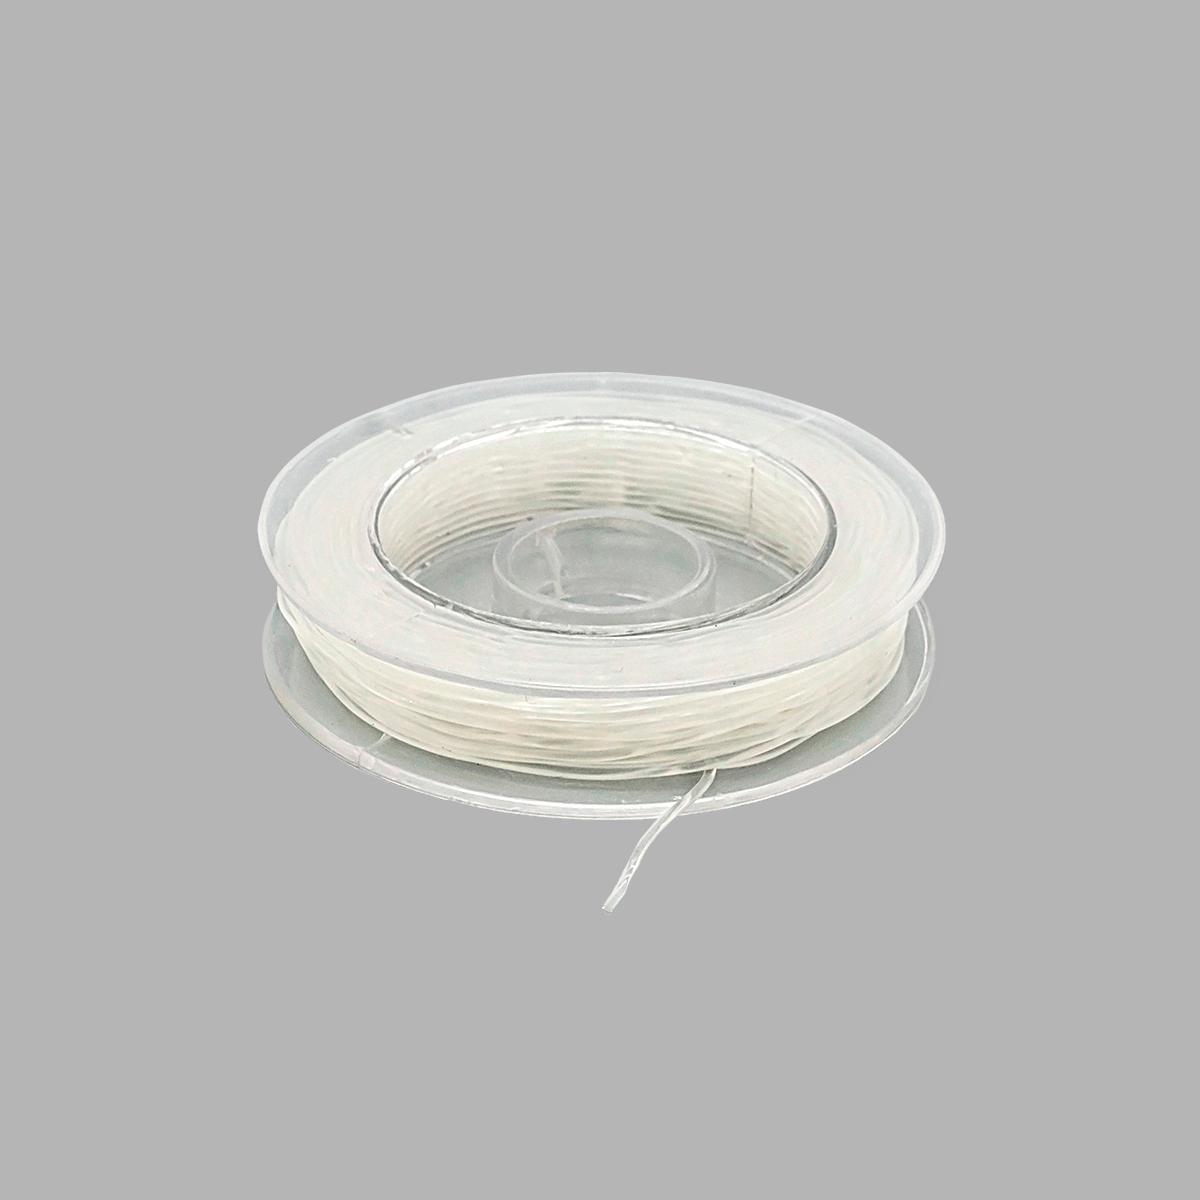 Нить силиконовая для бисера, 0,8 мм*10 м